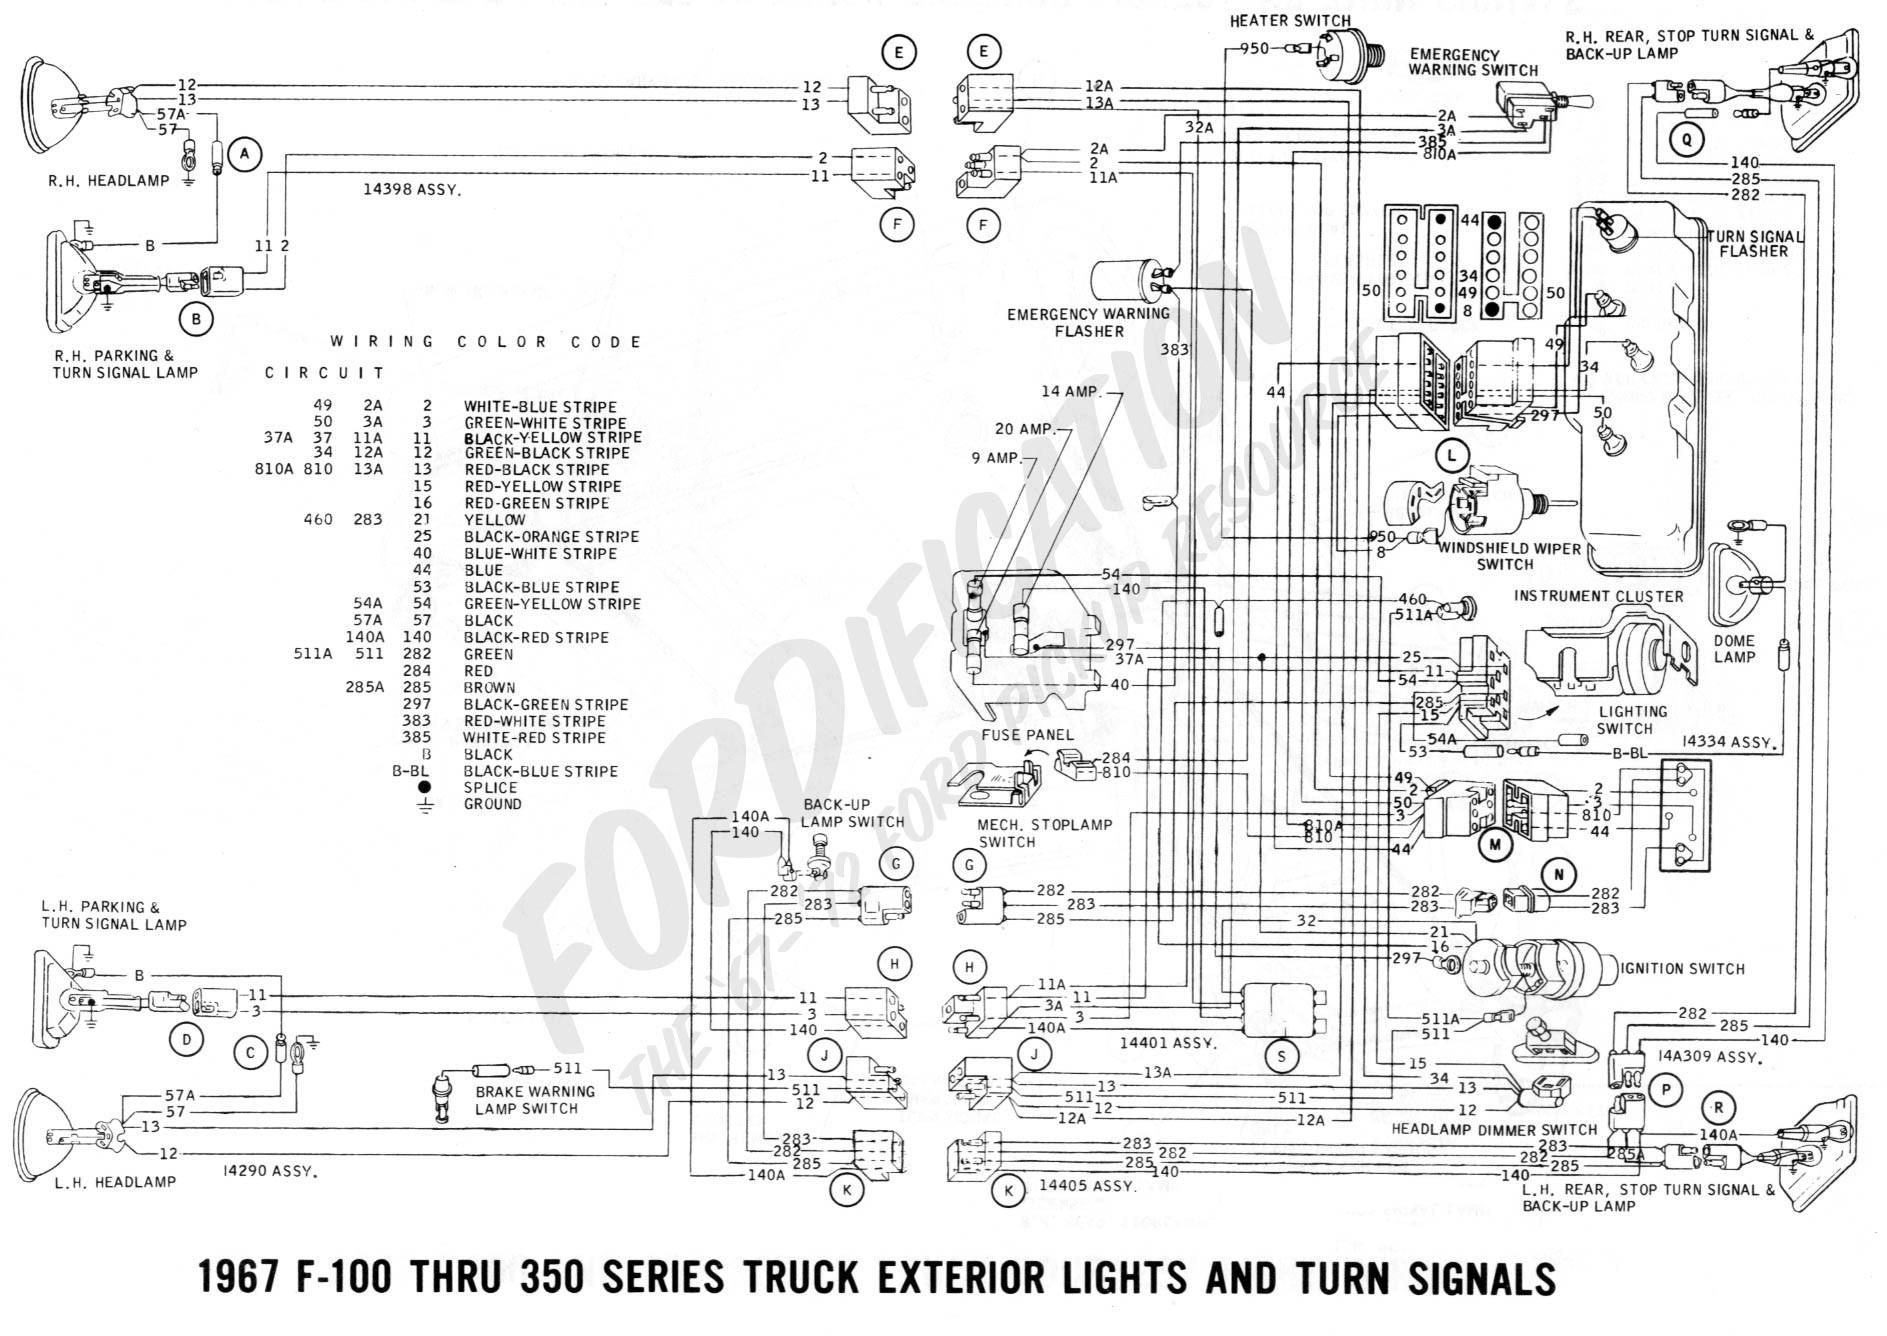 2001 Ranger Wiring Diagram. 7ab 2001 ford ranger xlt fuse